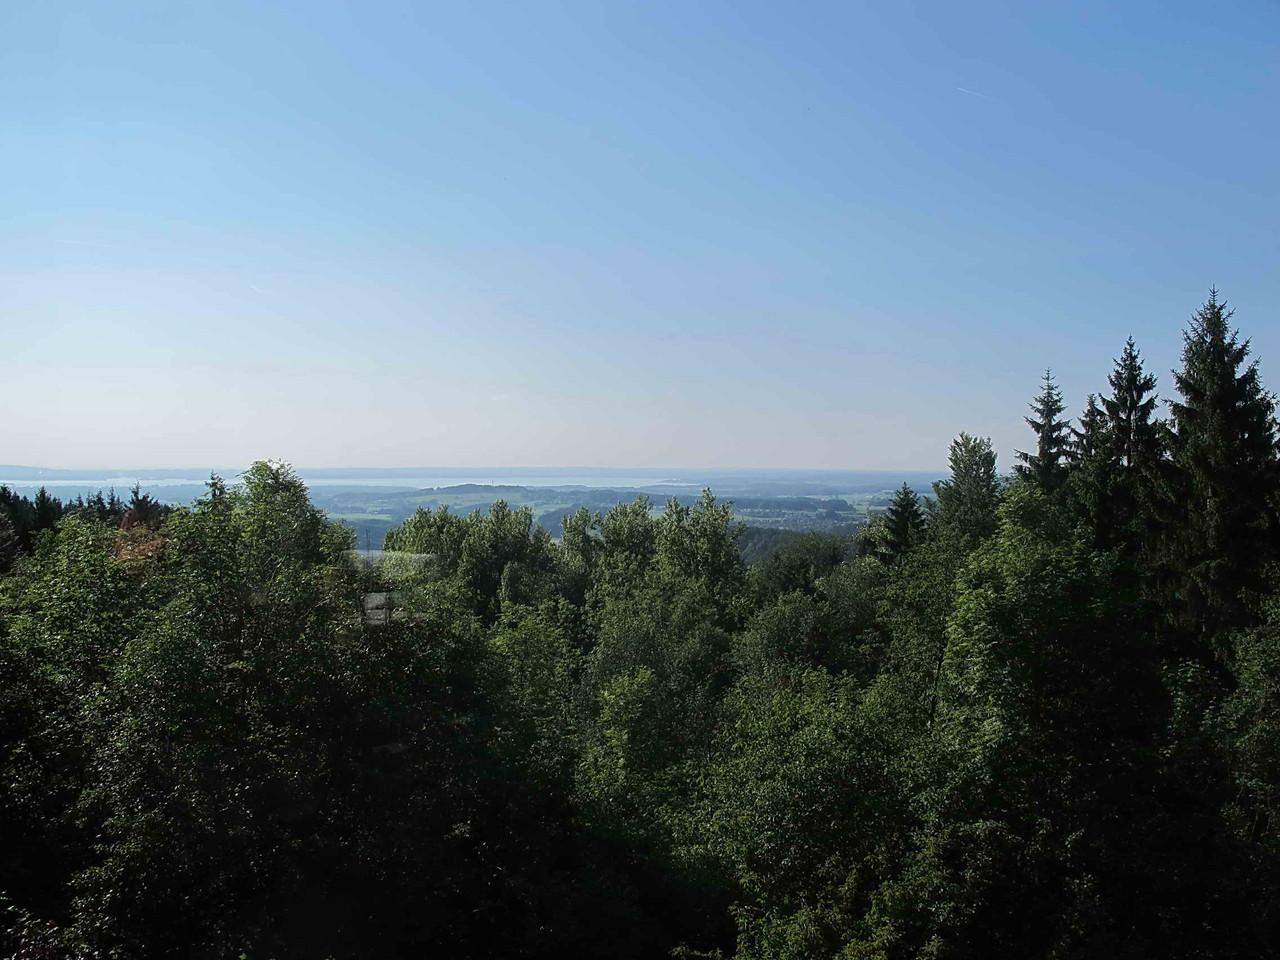 Landschaftlicher Höhepunkt: Aussicht auf den Chiemsee